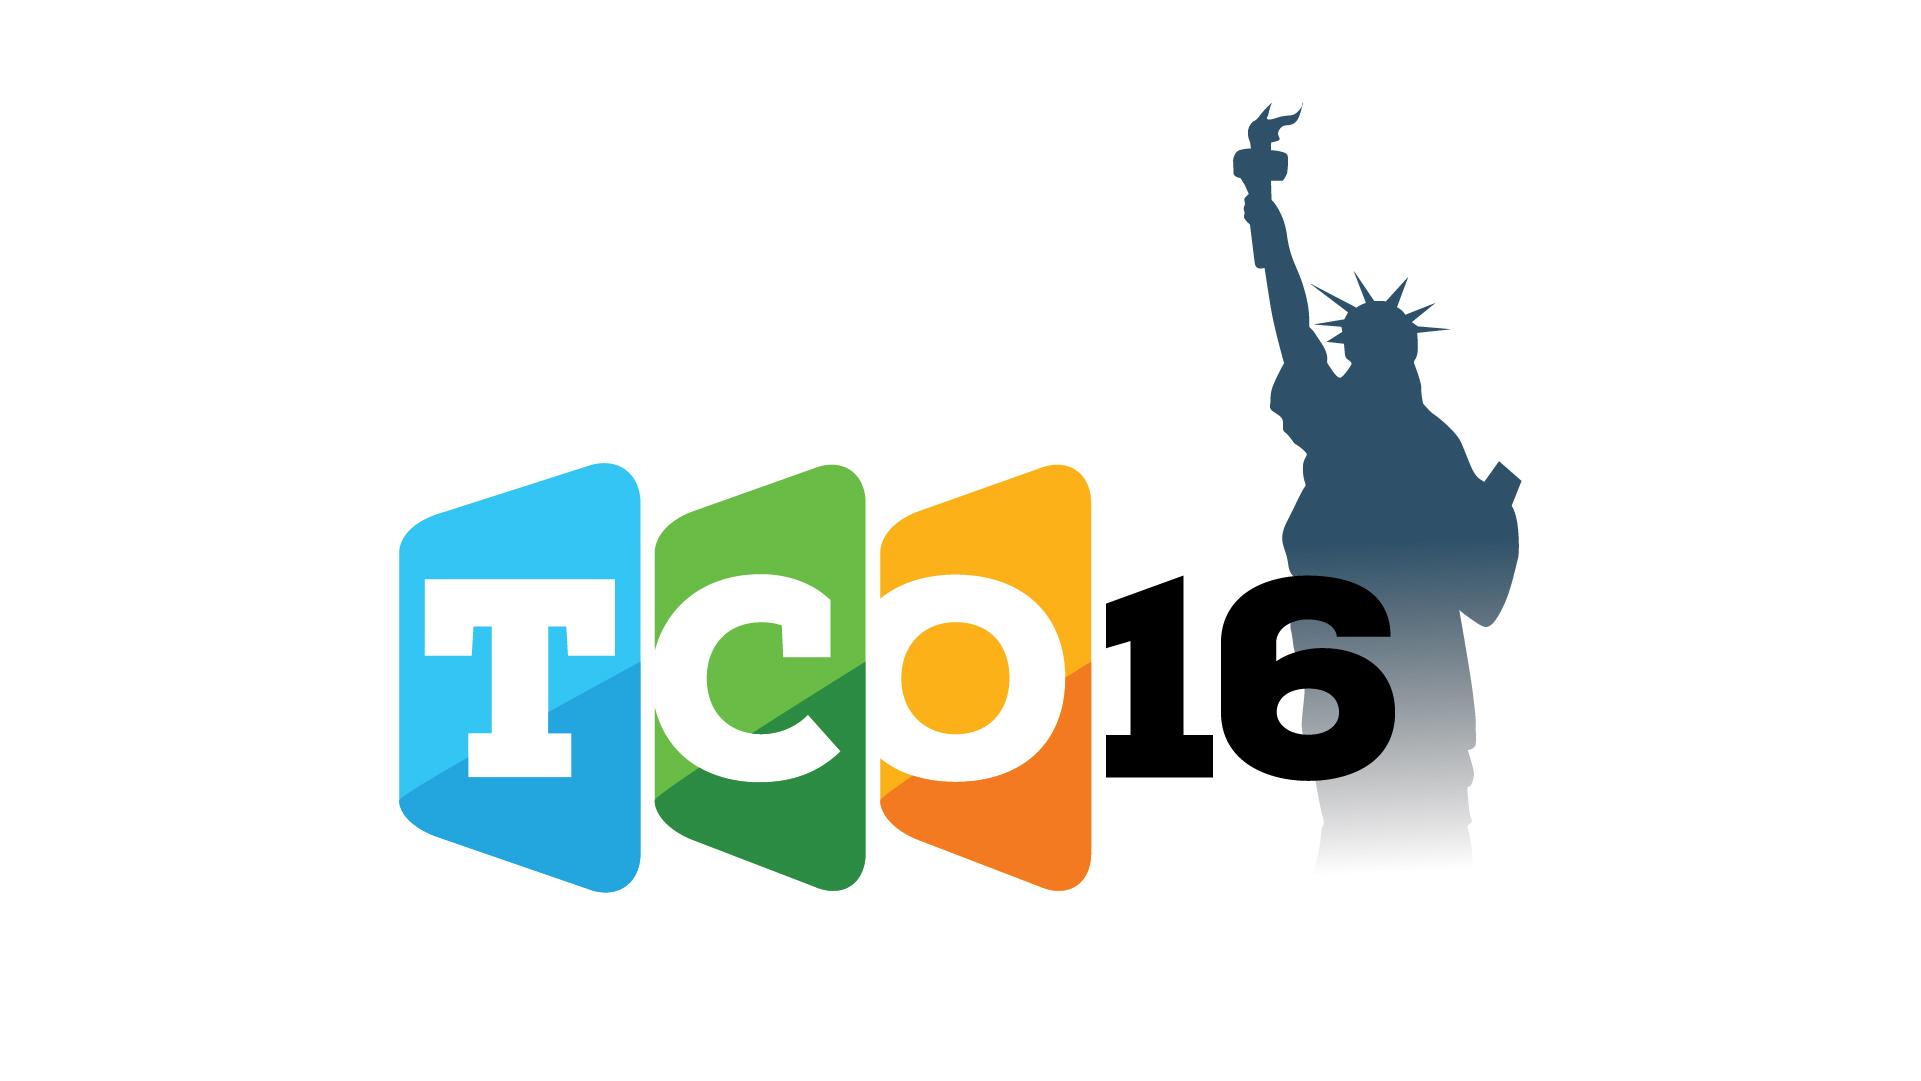 NYC TCO16 logo